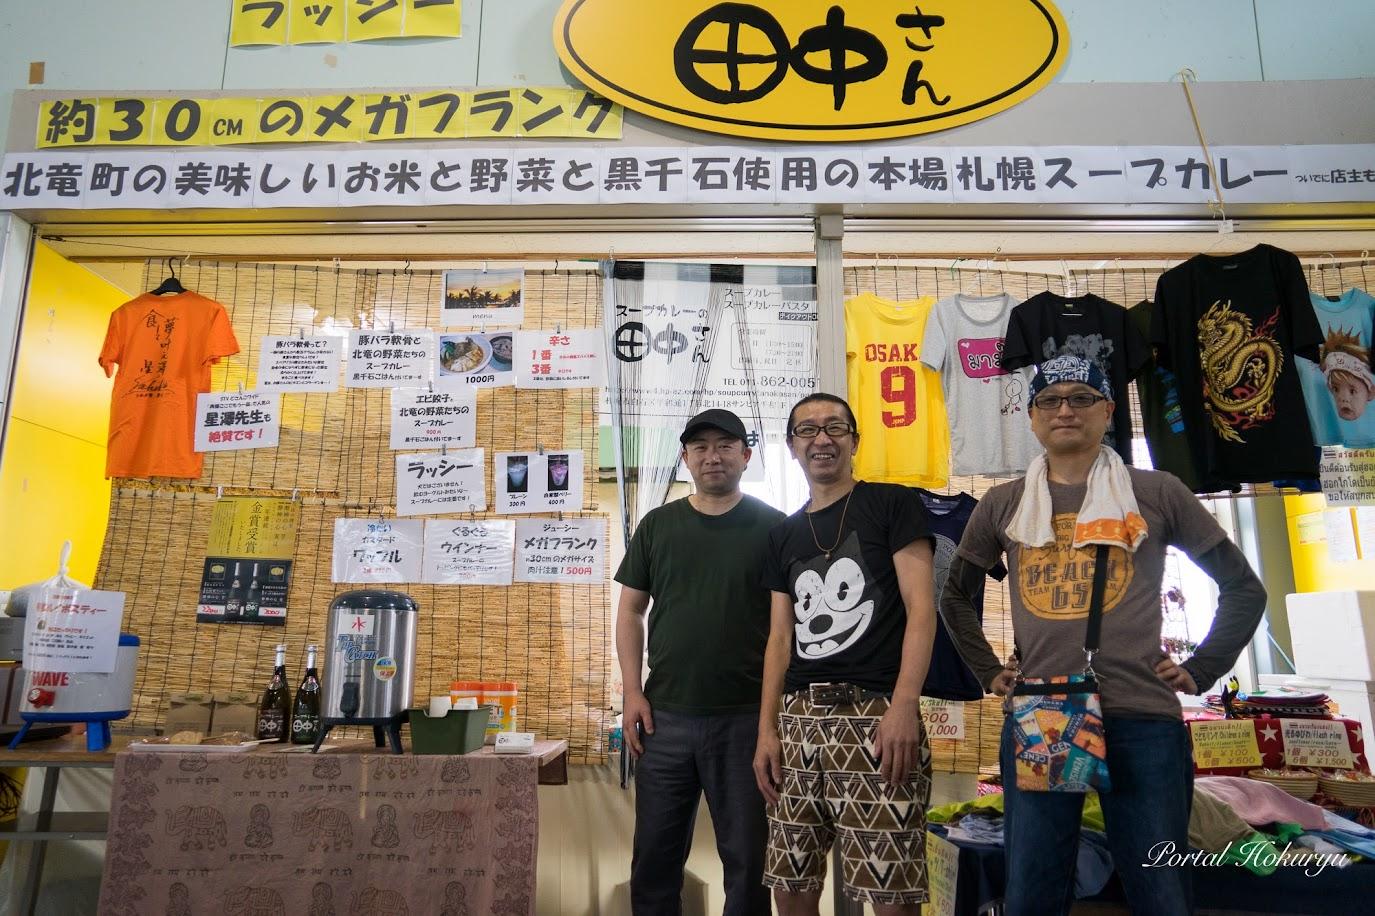 「スープカレーの田中さん」店主・高田裕司さん(中)、「鮨処有馬」店主・有馬正隆さん(左)、「(有)ドルーティ」 代表・高橋哲さん(右)